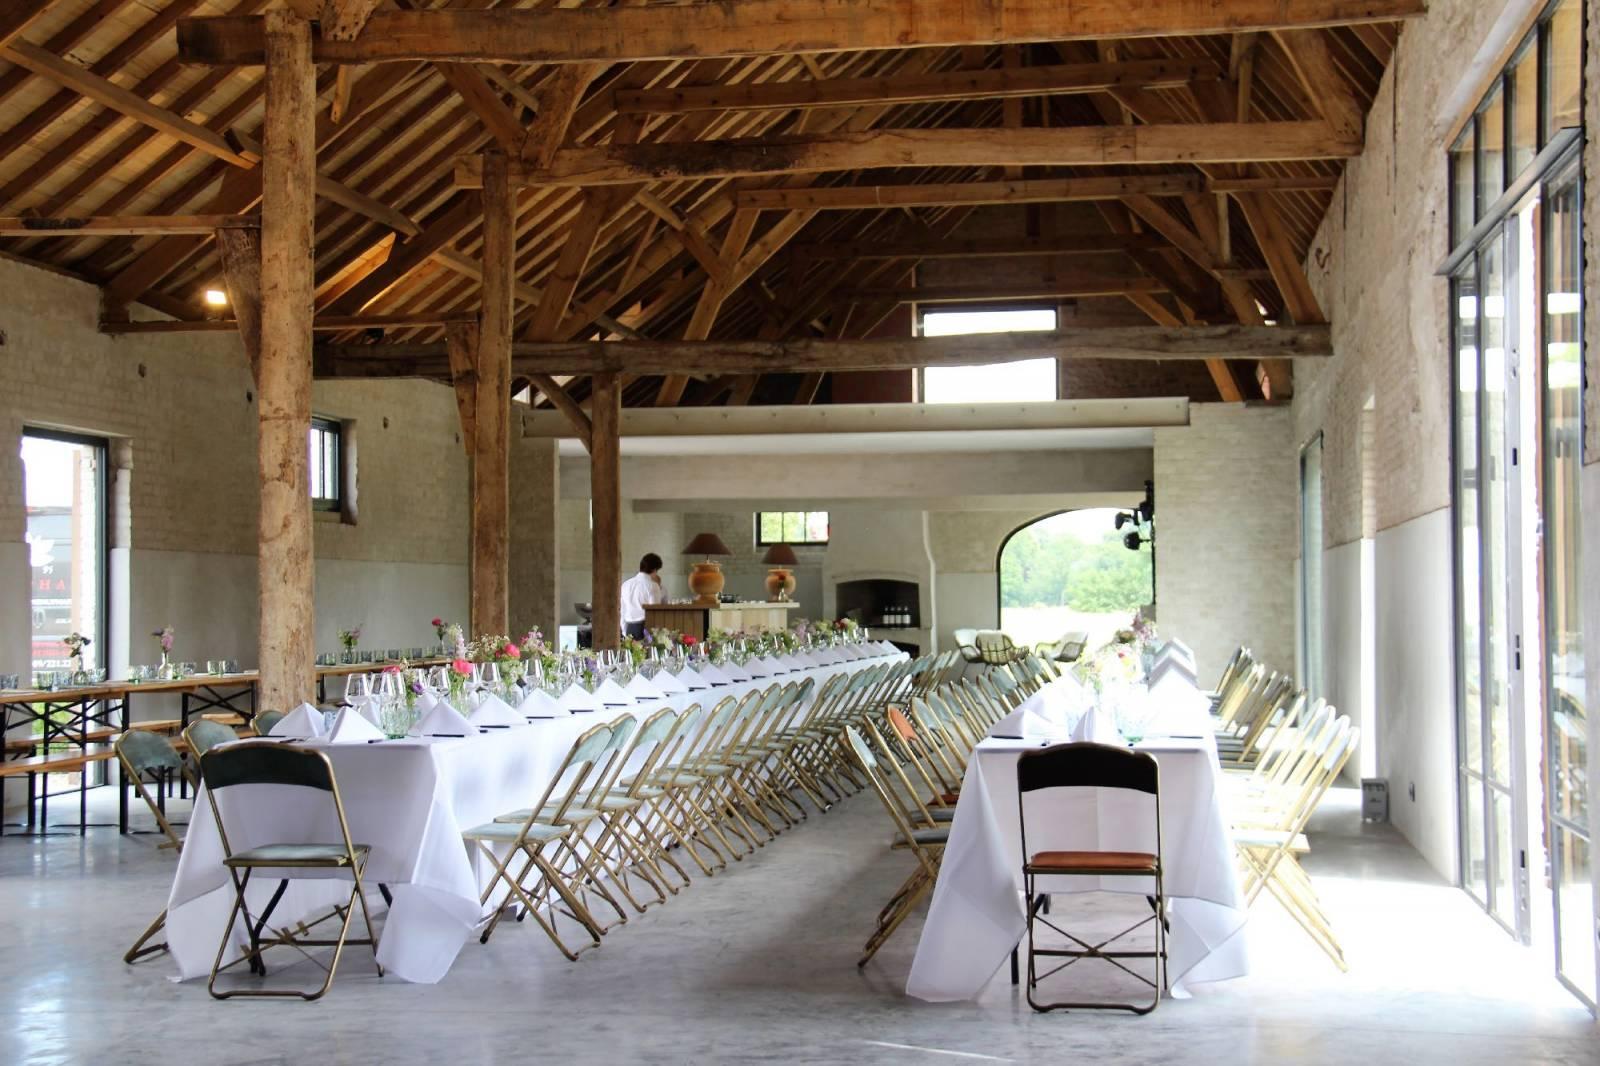 TGoed Quaethem - Feestzalen - House of Weddings - 4